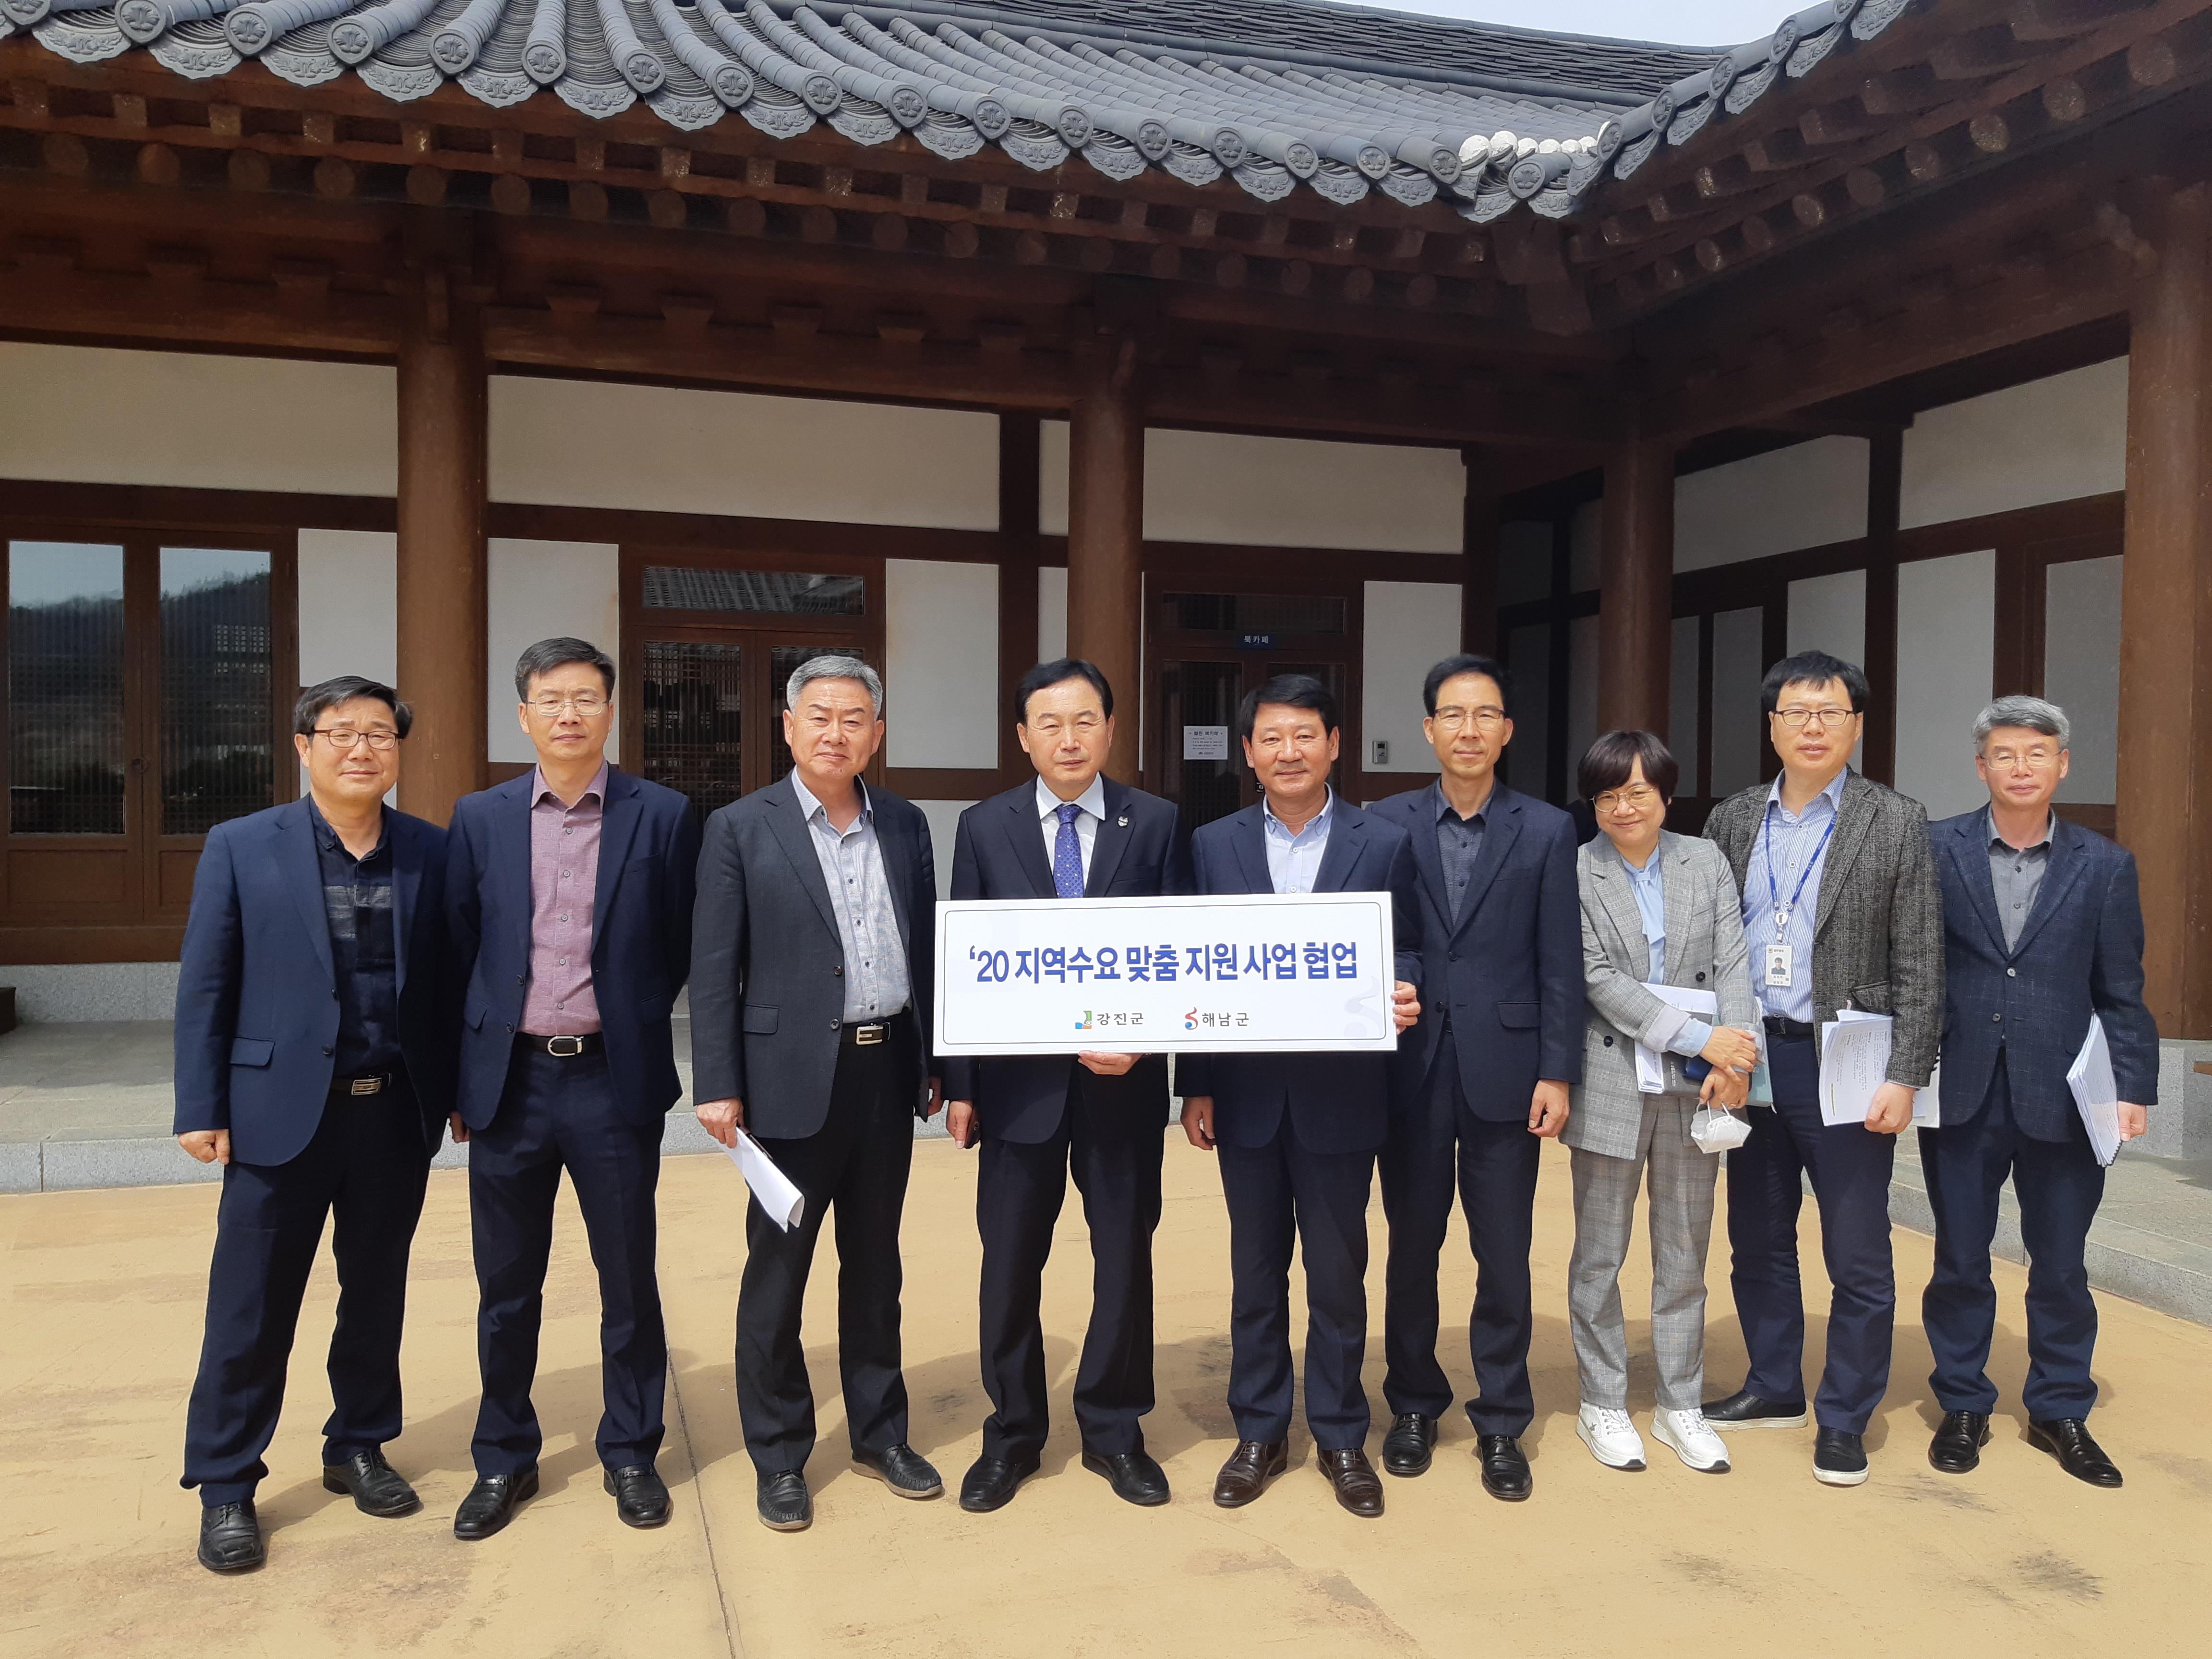 해남군-강진군 2020년 지역수요 맞춤지원 공모사업 '맞손'